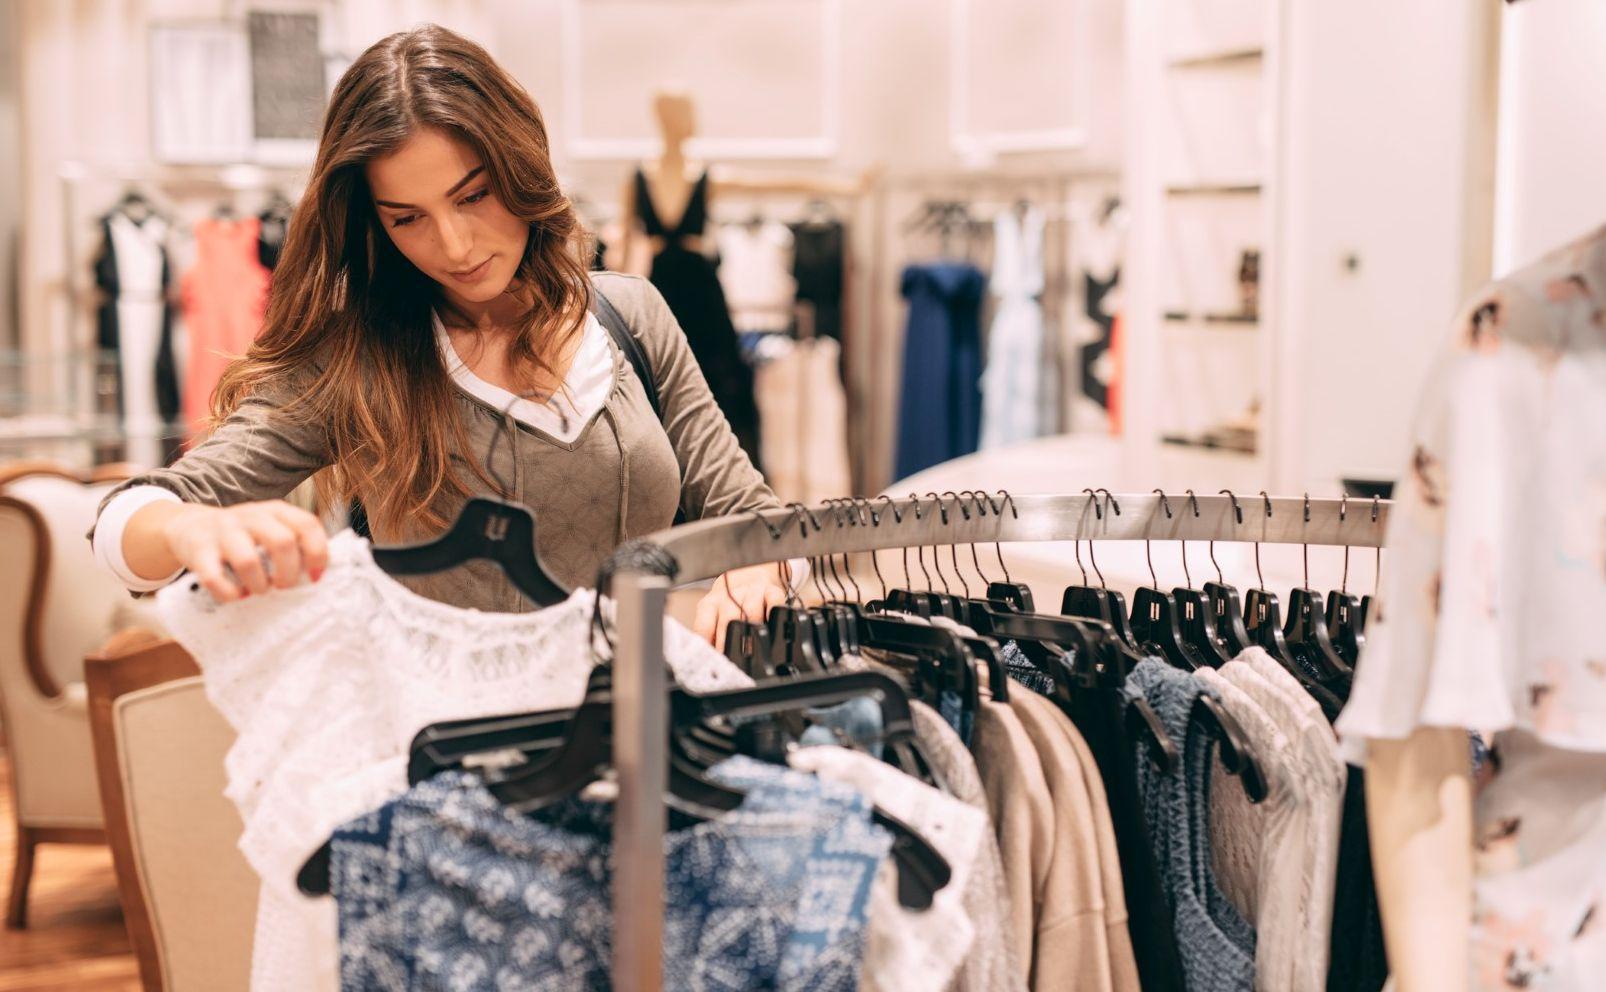 Le ottime ragioni per cui non indossare un abito nuovo senza averlo lavato e21966e72e8